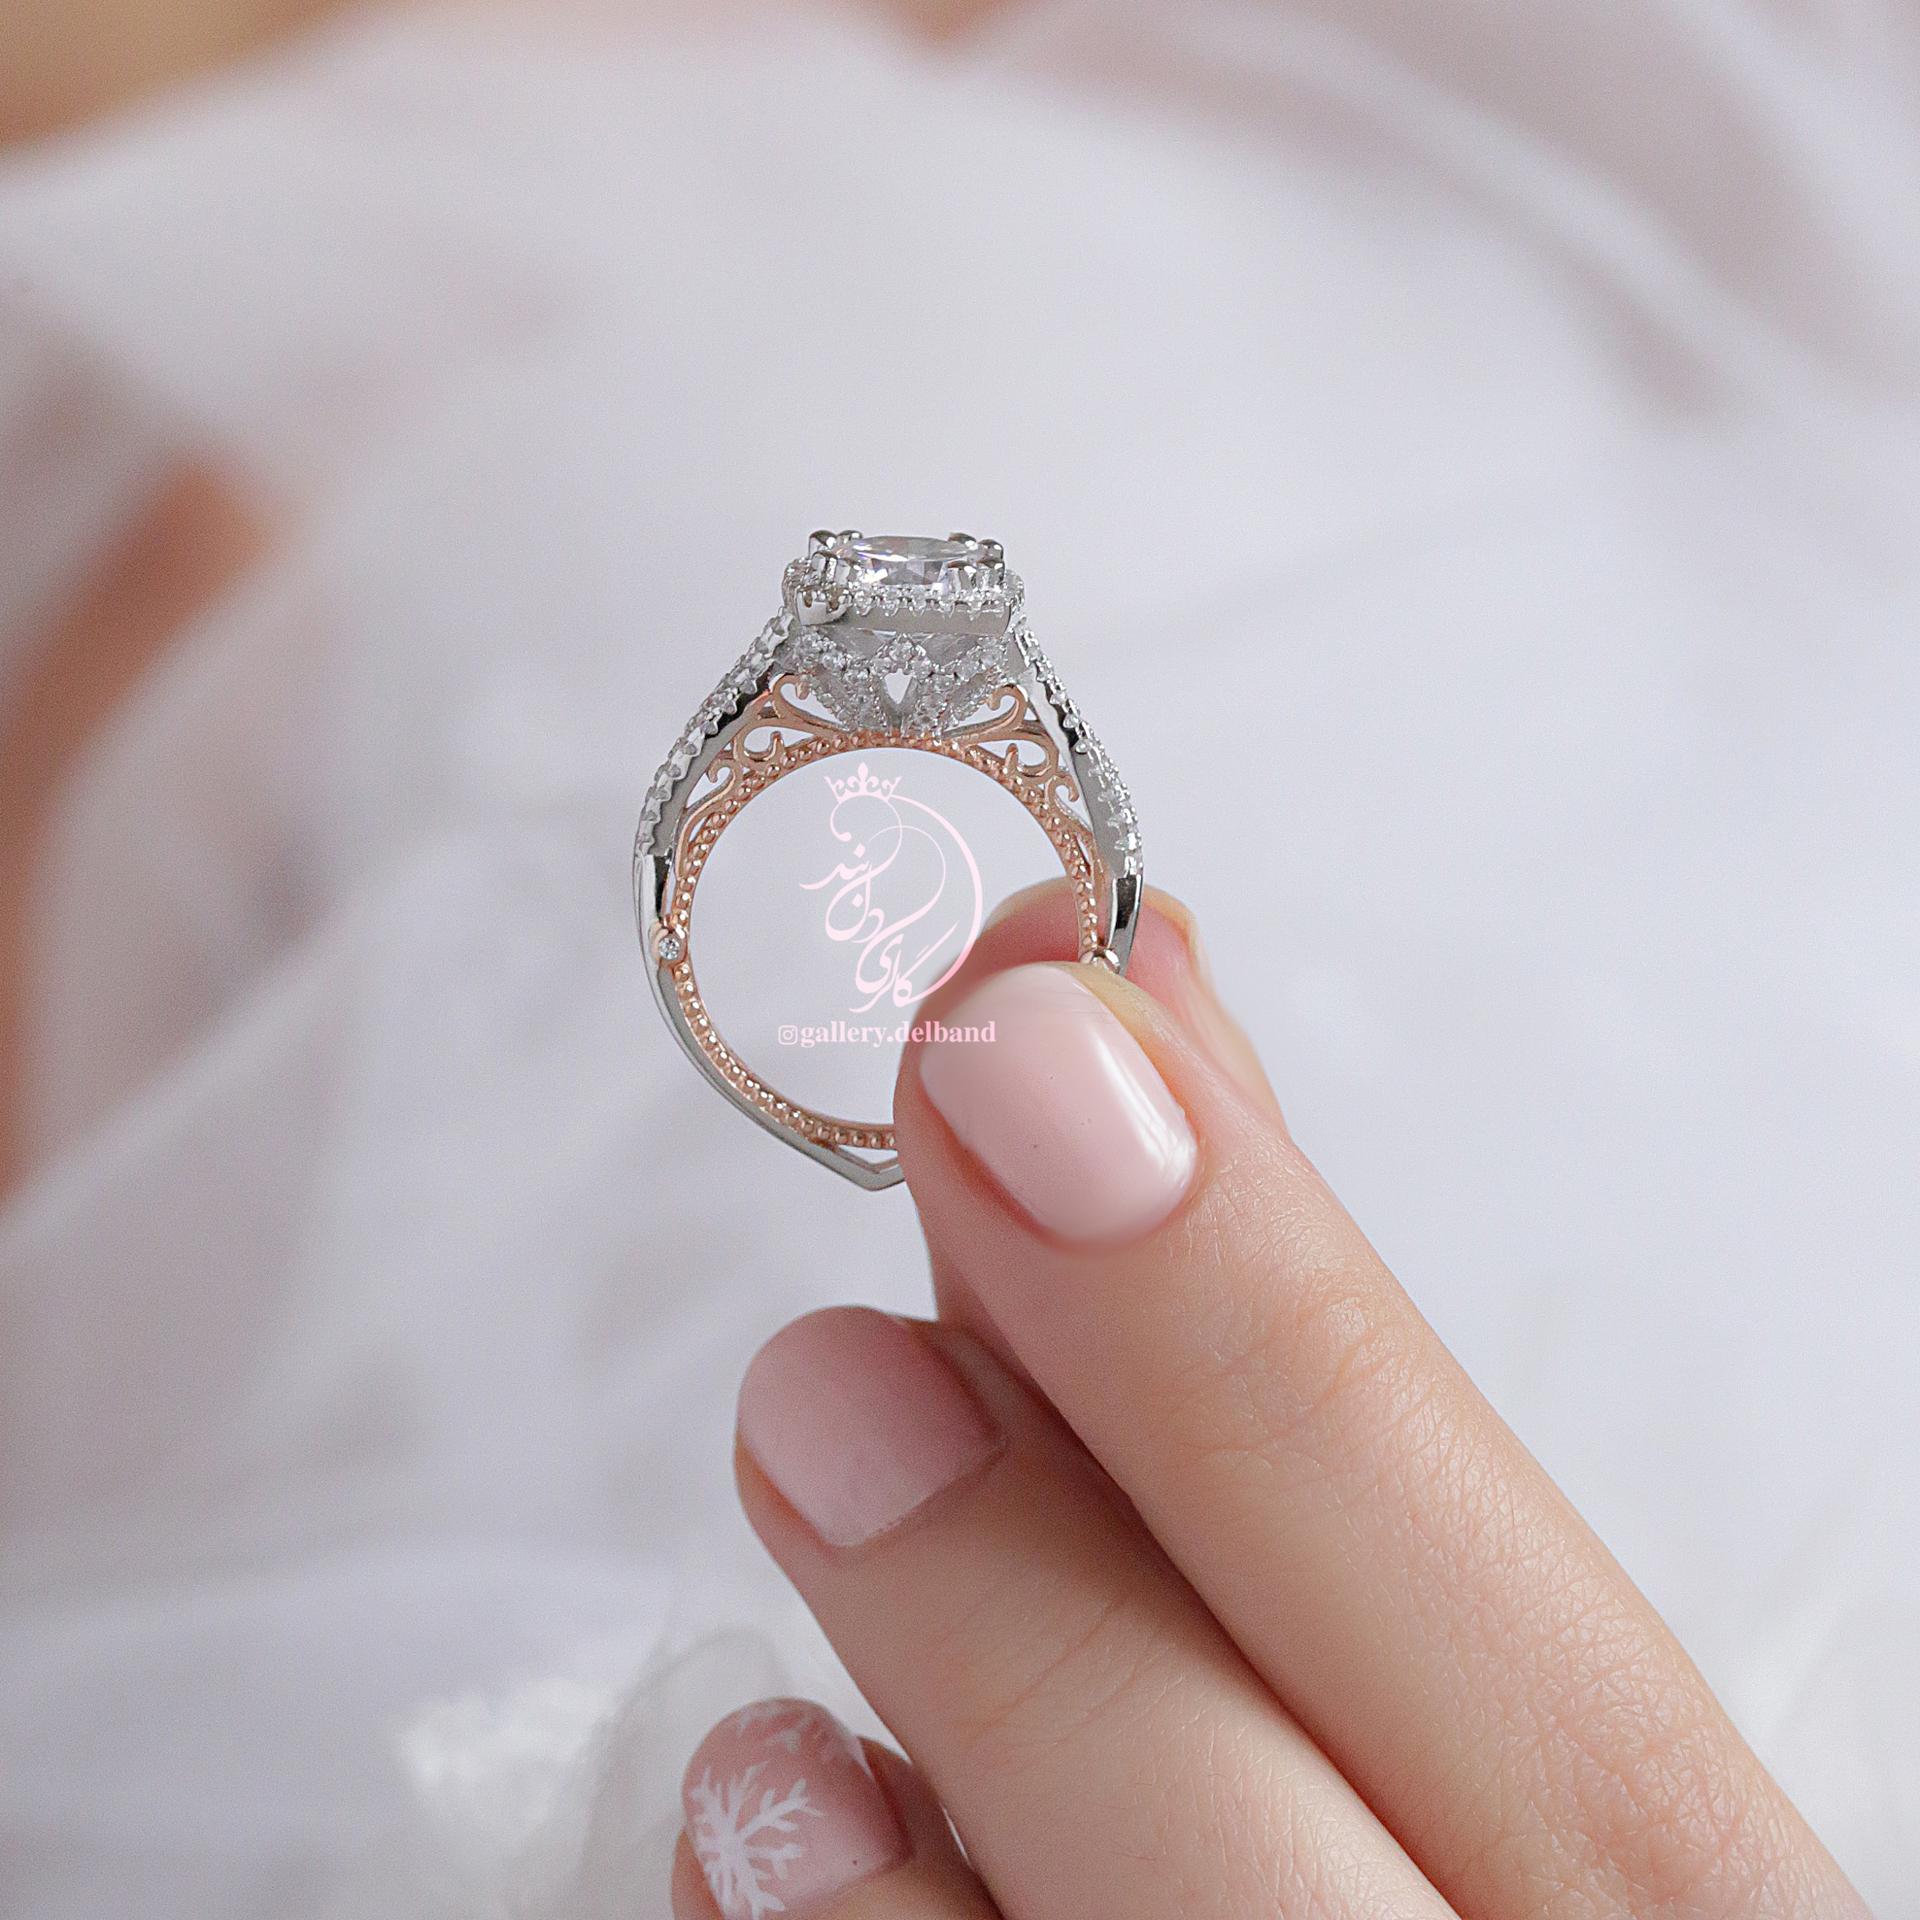 💎انگشتر لوکس جواهری بسیار زیبا و خاص؛ نقره عیار ۹۲۵ با روکش طلا سفید و داخل رکابها رزگلد با قالب جواهری